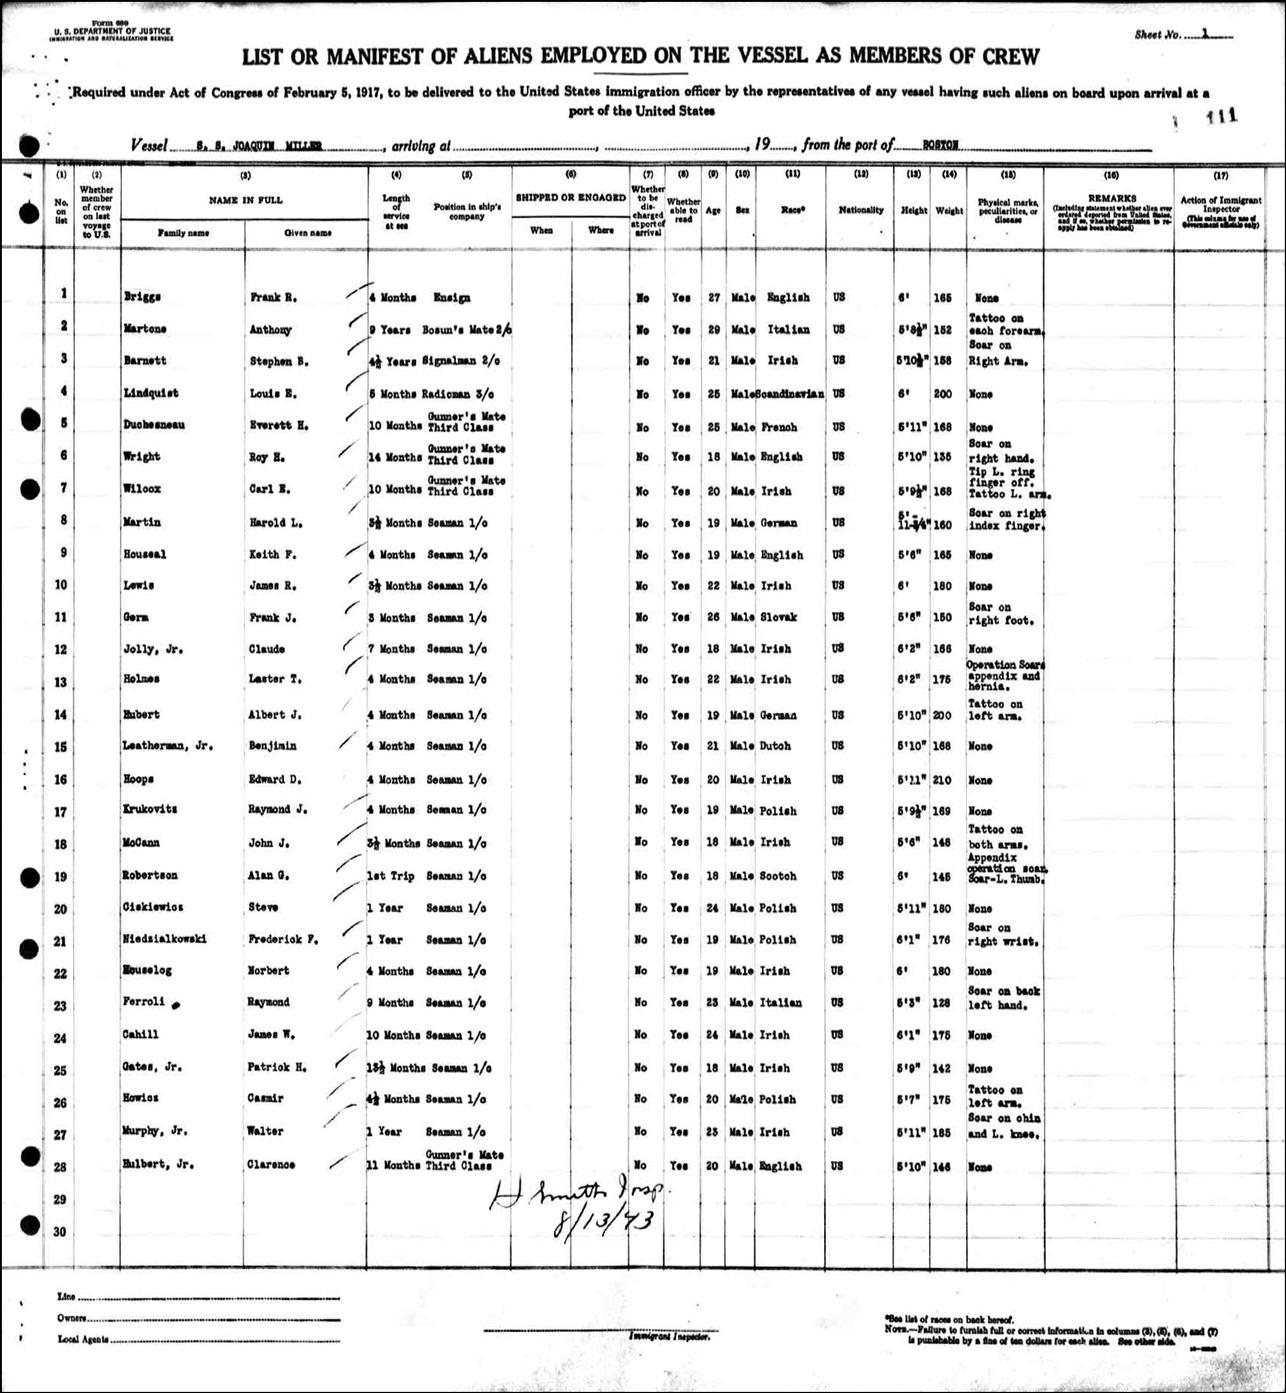 Crew Manifest for Frederick F. Niedzialkowski - 1943